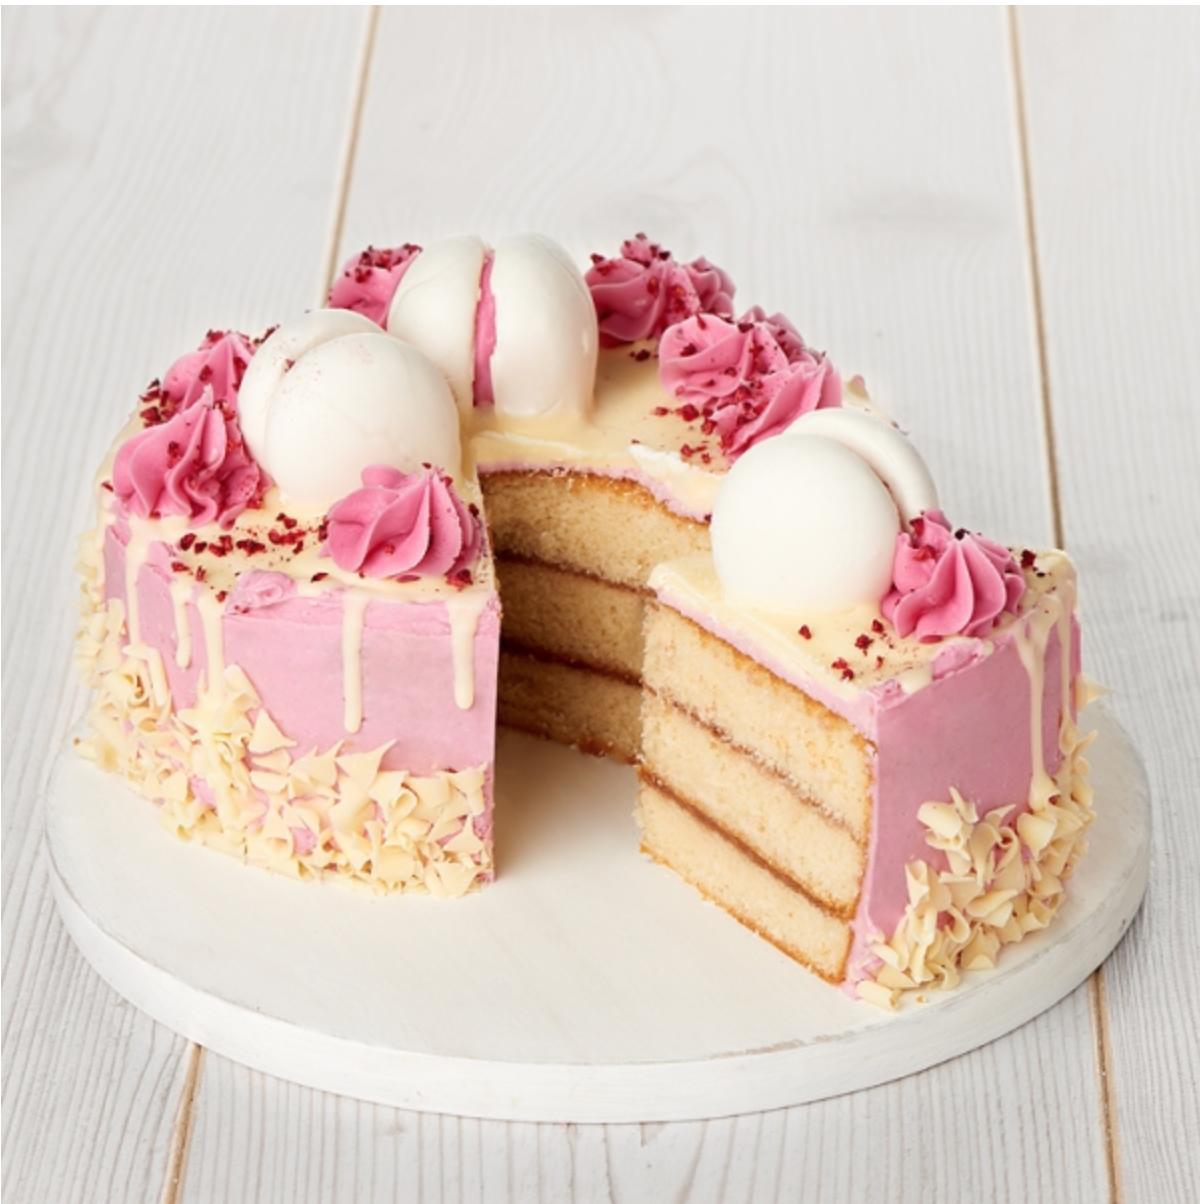 Sainsbury's raspberry dribble cake